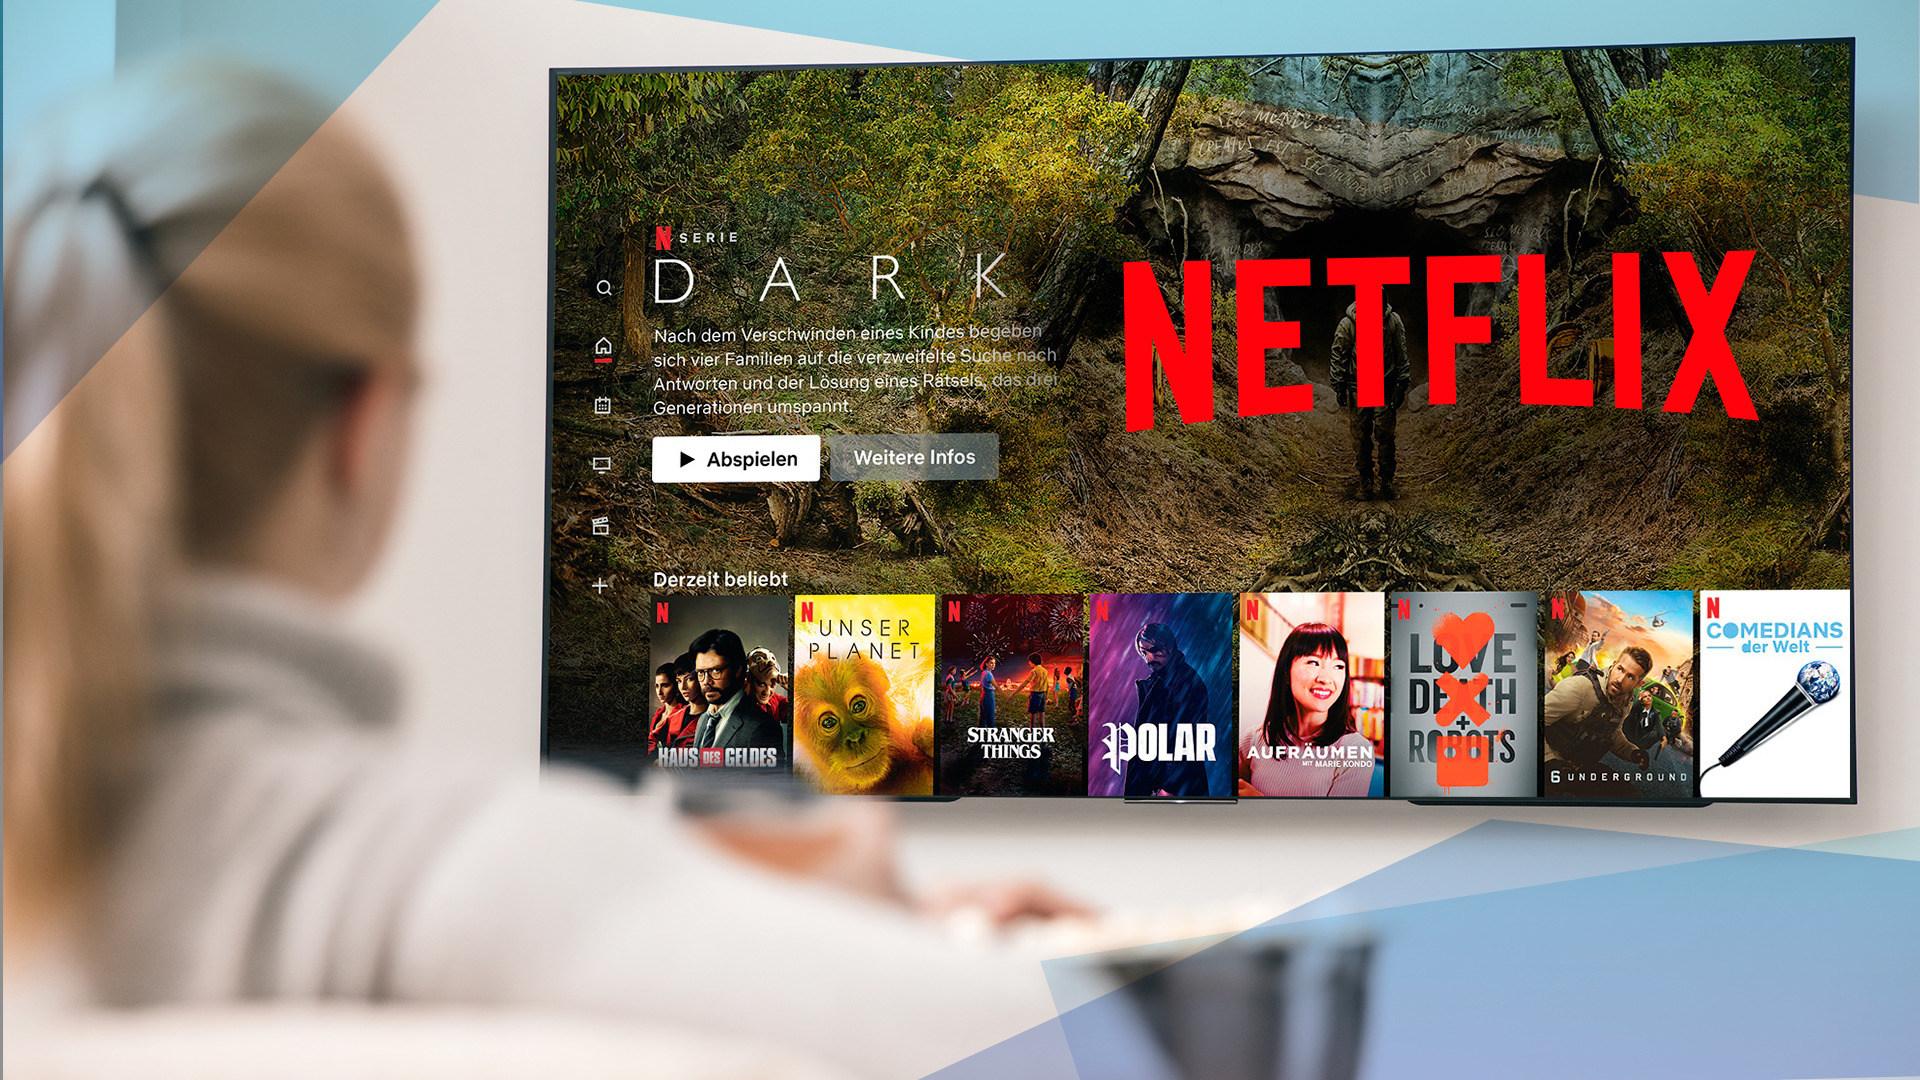 Trailer, Streaming, Tv, Fernsehen, Netflix, Filme, Serien, Videostreaming, Übersicht, Überblick, Januar 2021